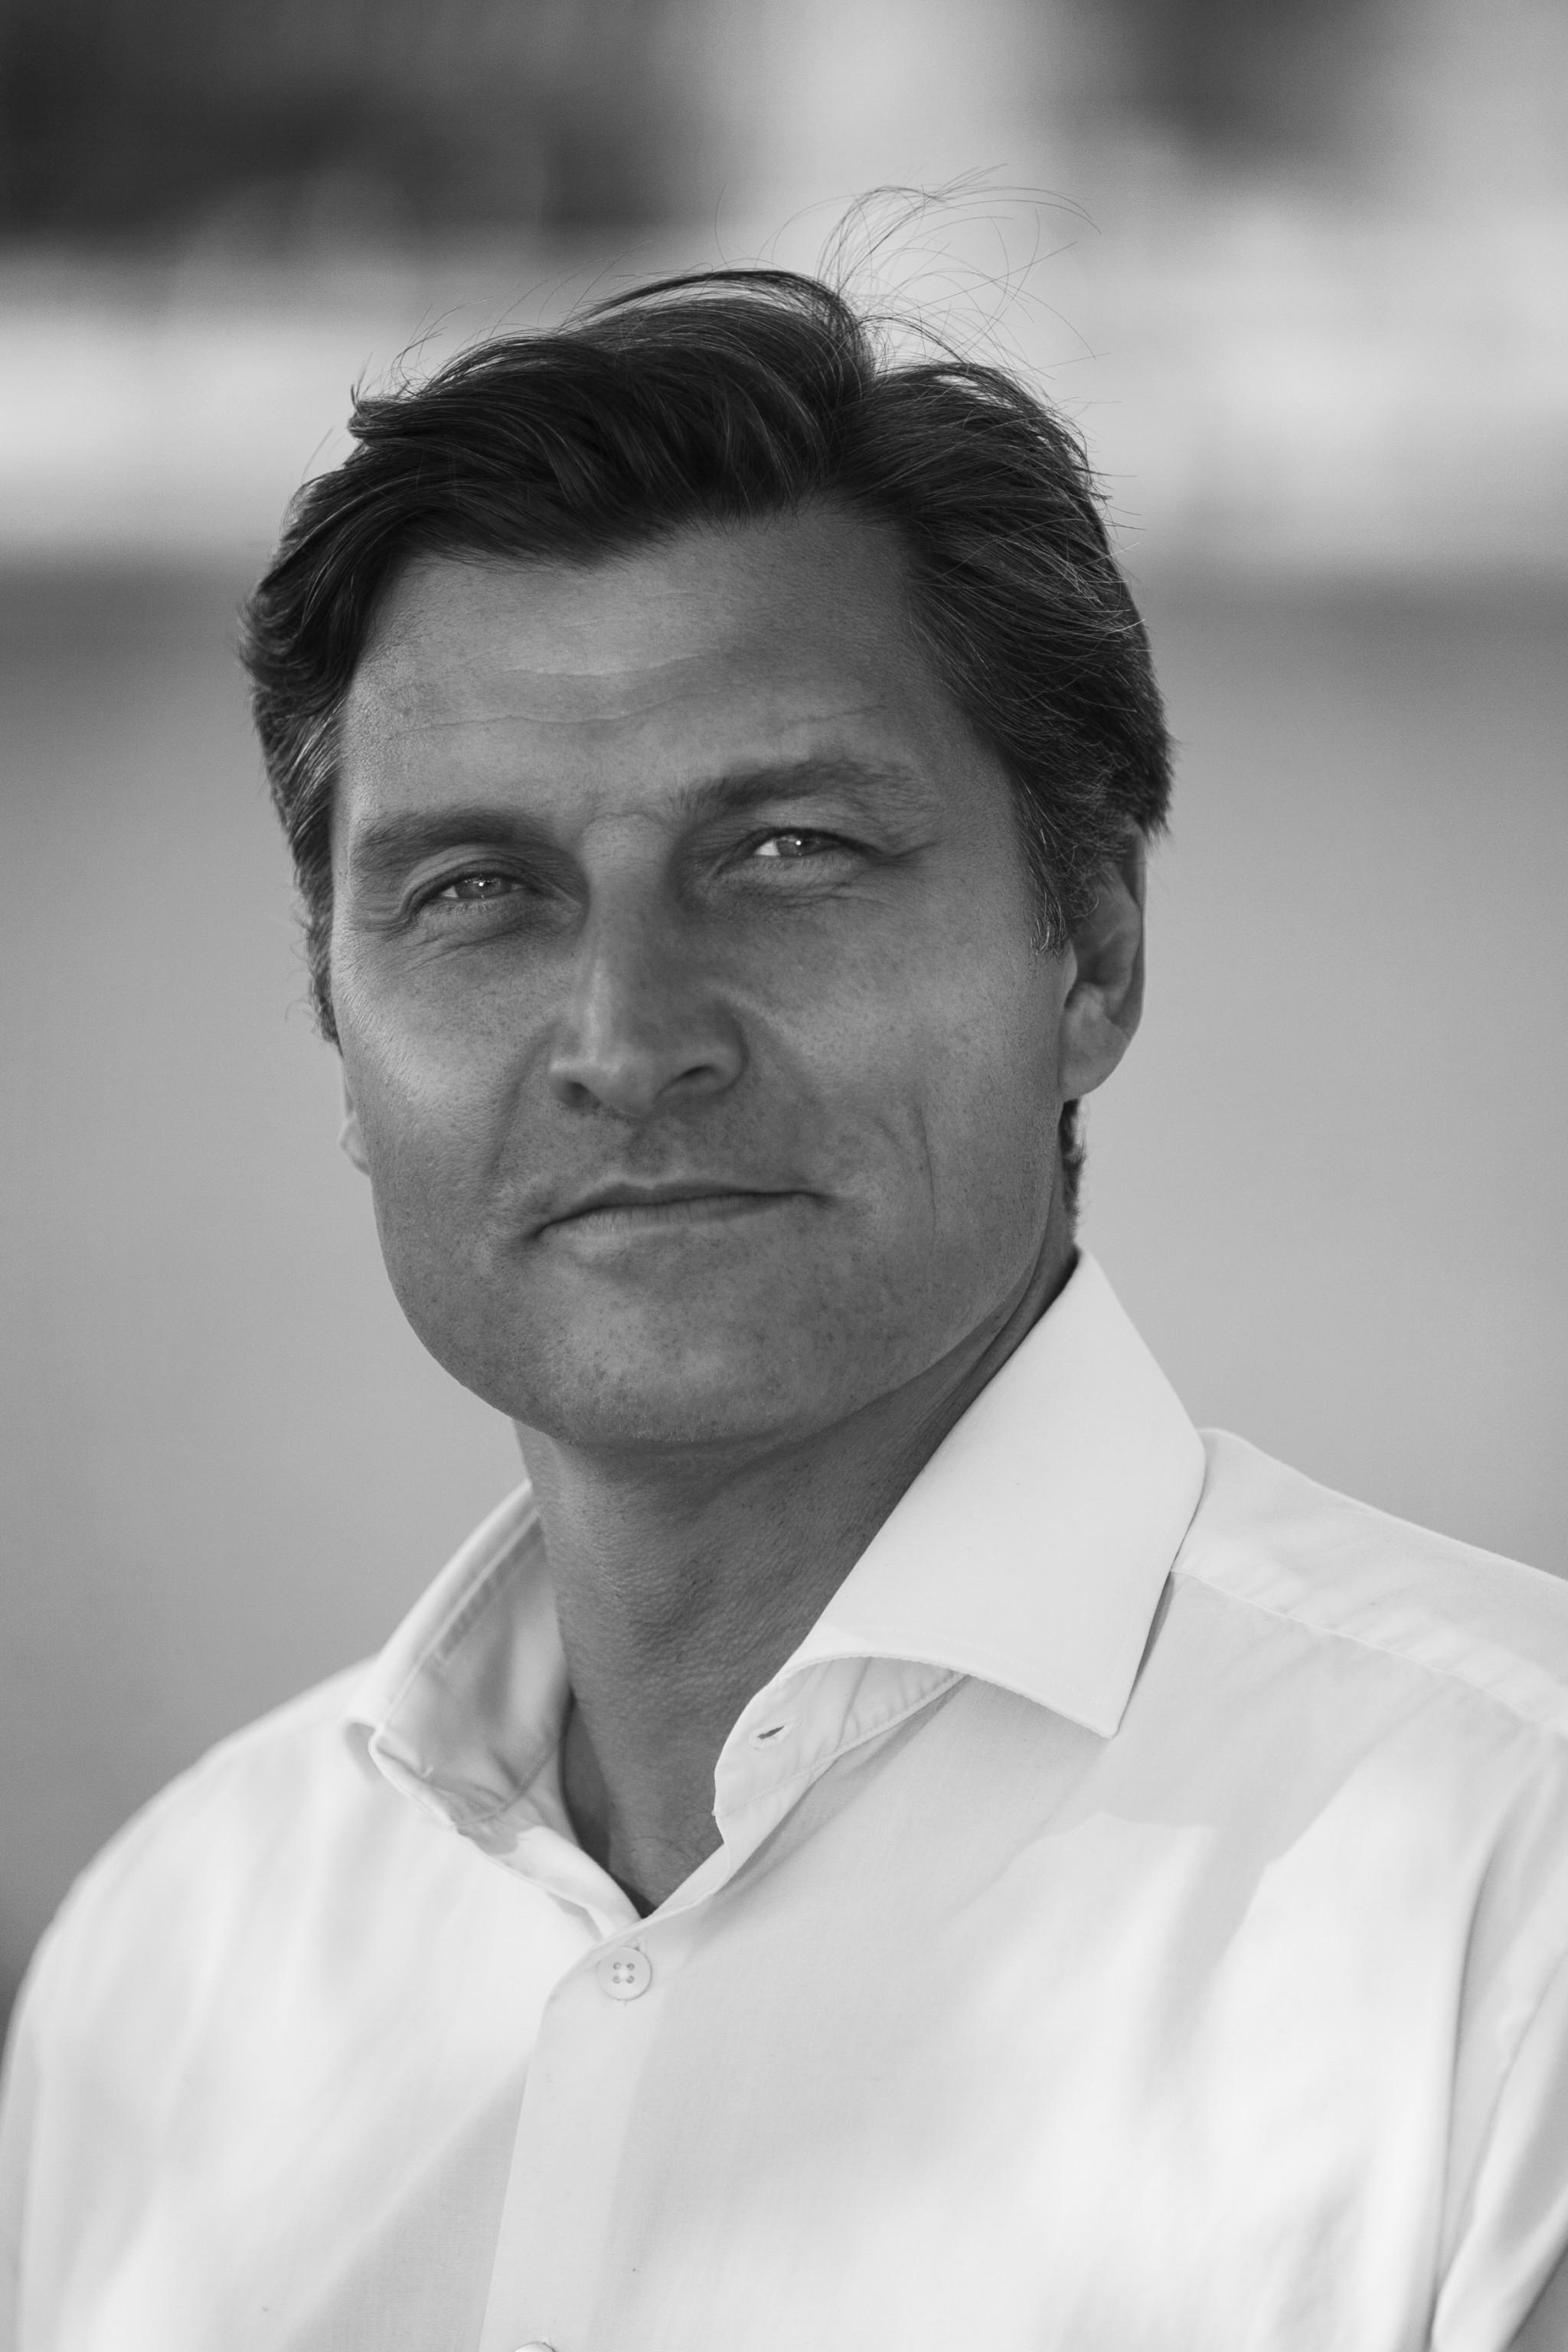 Fredrik Bodecker